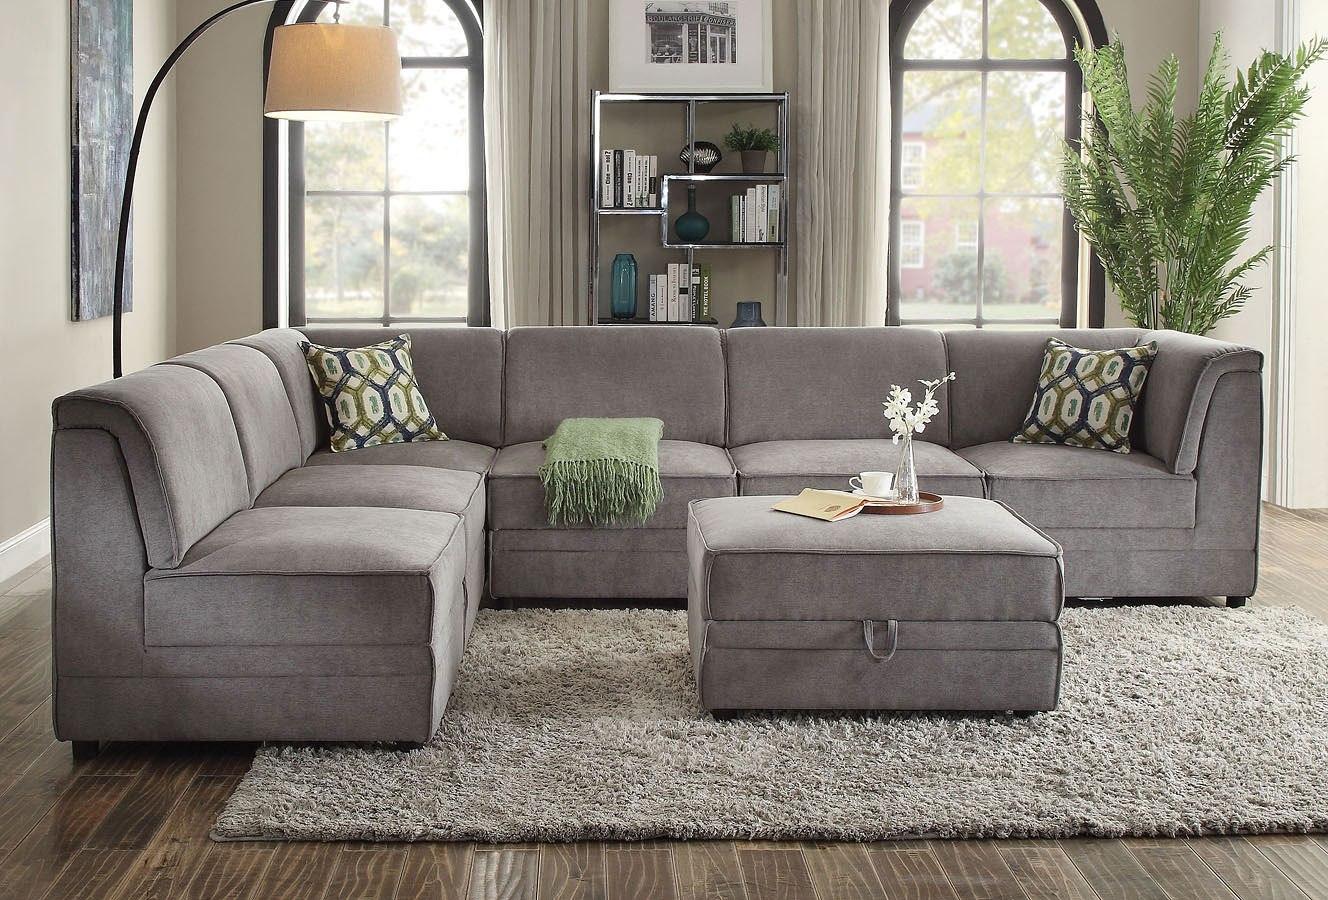 bois modular sectional set acme furniture furniture cart. Black Bedroom Furniture Sets. Home Design Ideas